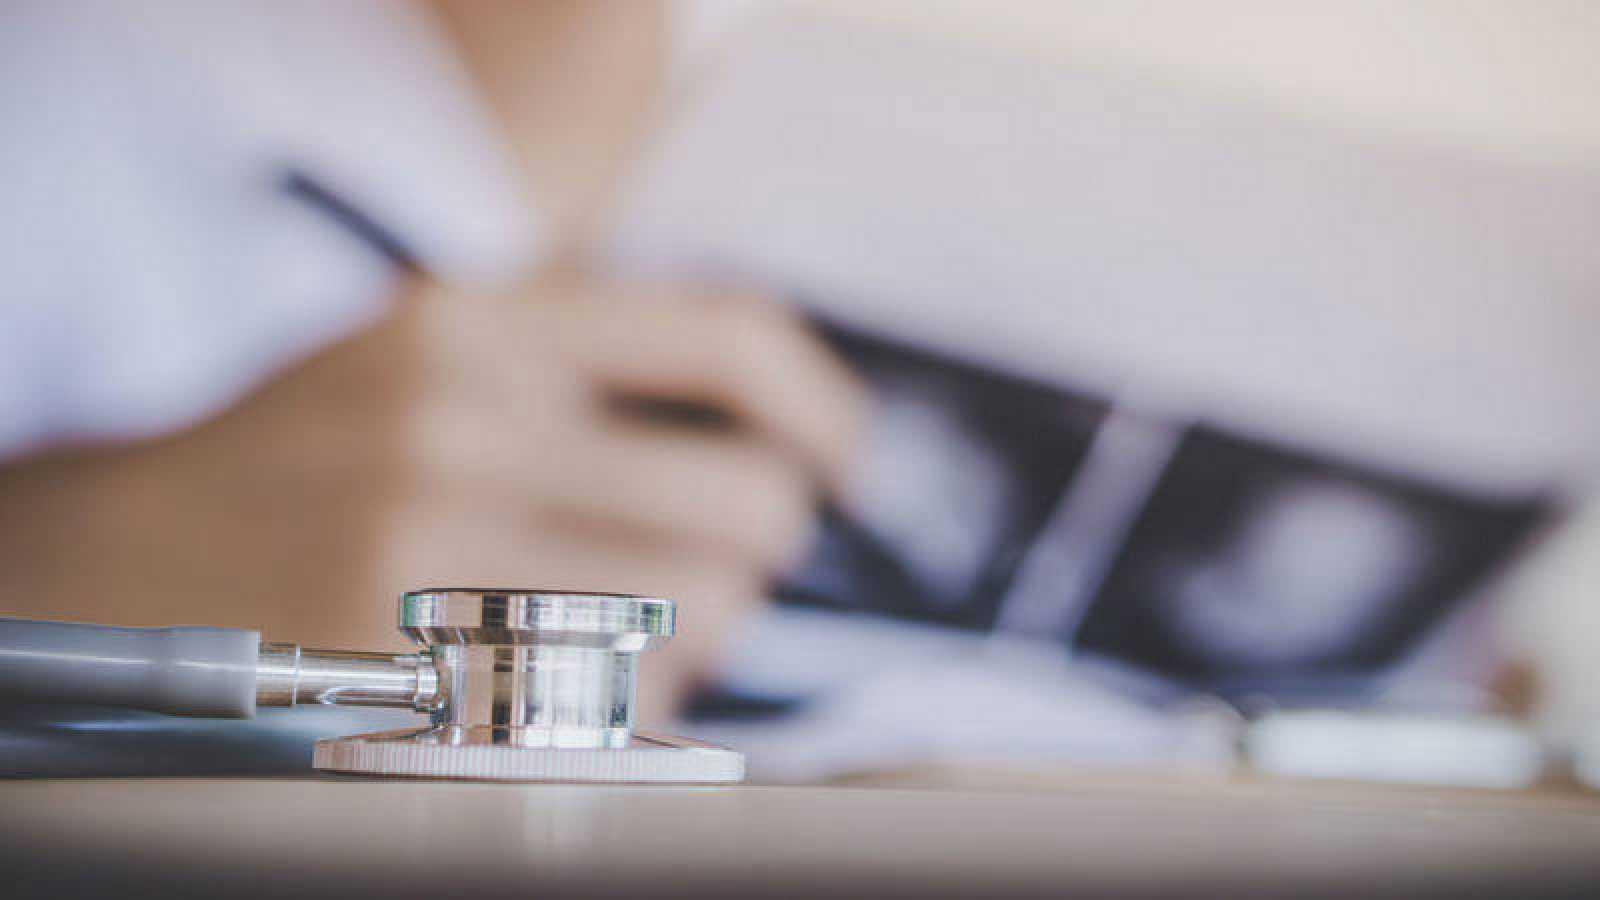 Un facultativo analiza los resultados de una mamografía